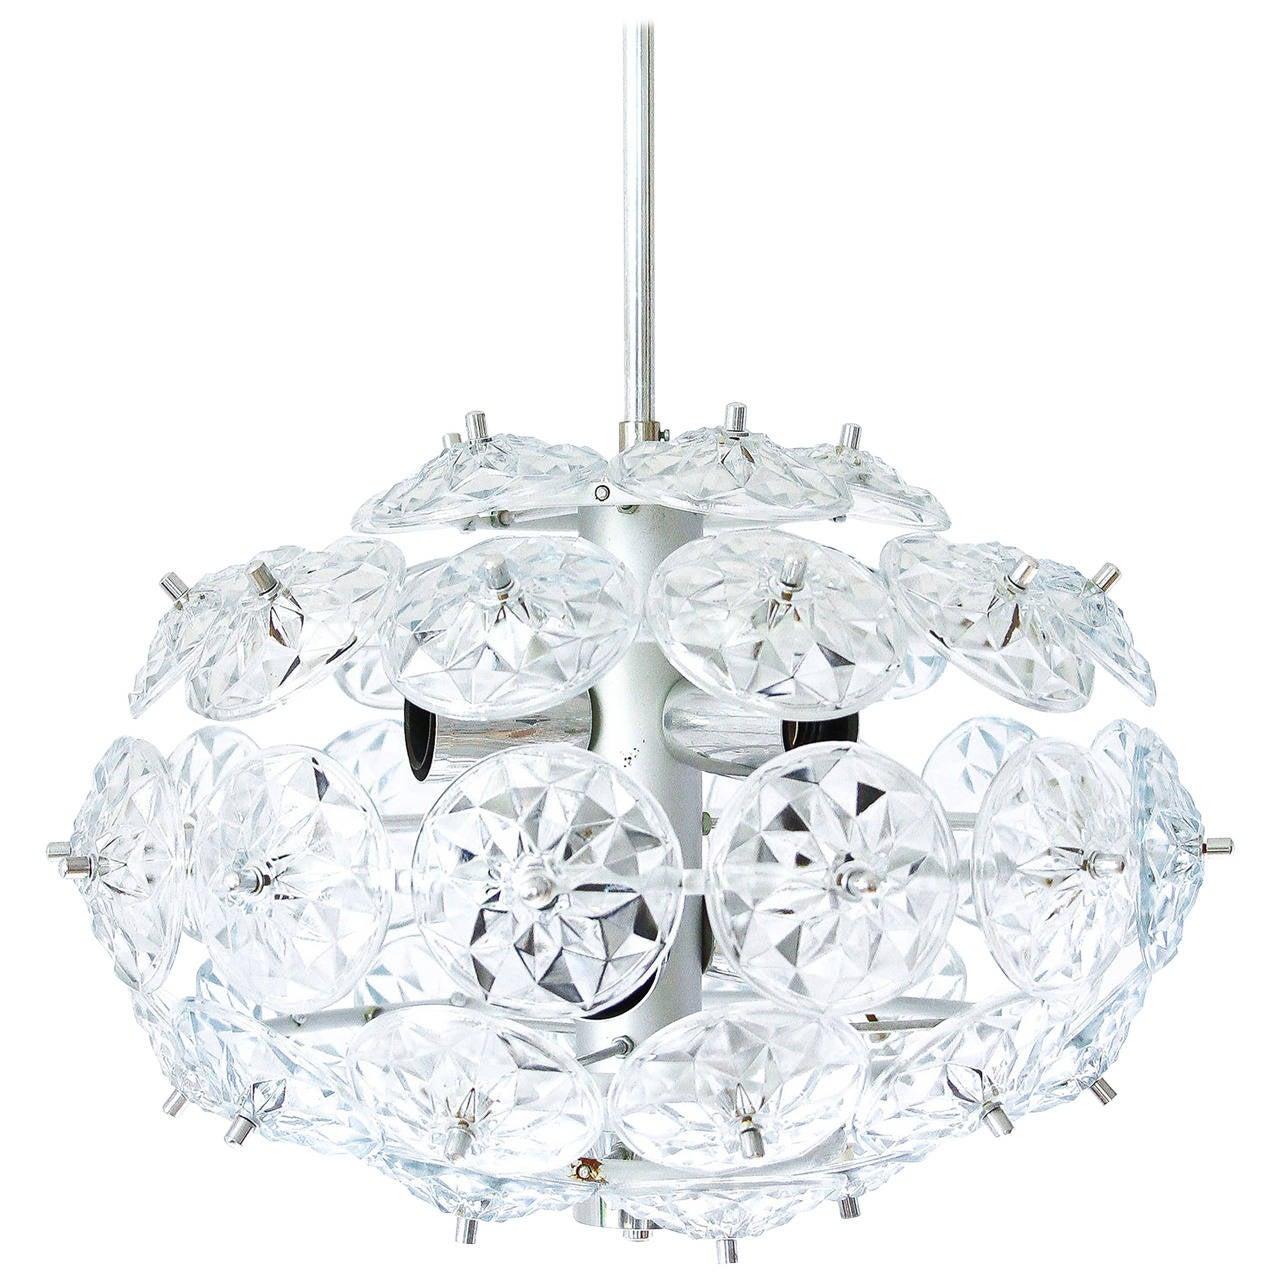 Sputnik Chandelier Kinkeldey Style, Glass Chrome, 1960s For Sale